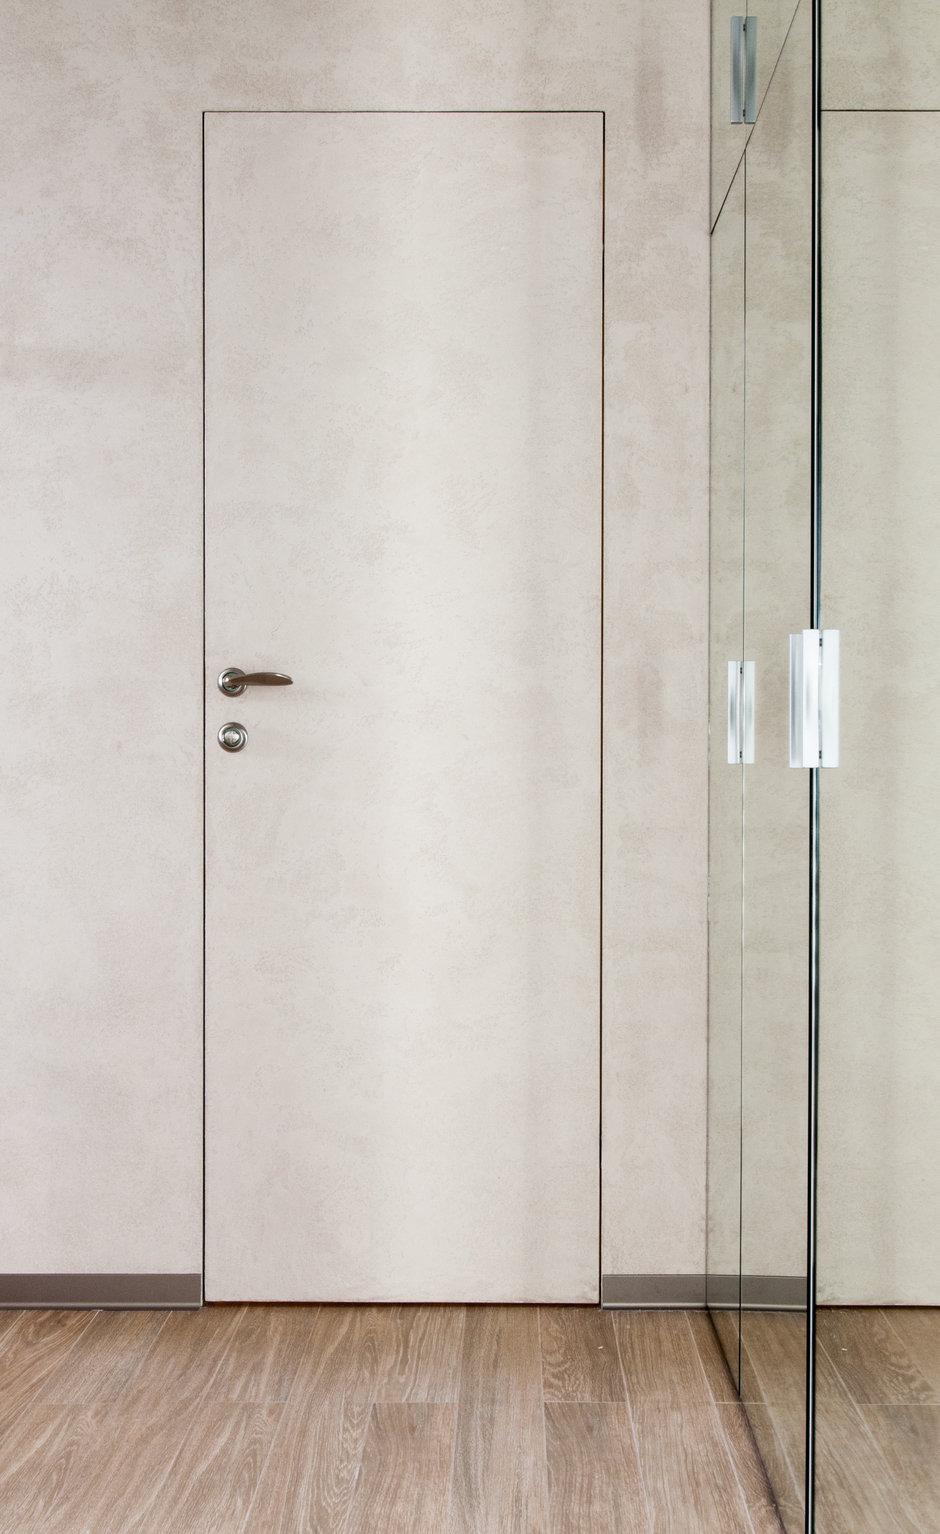 Фотография:  в стиле , Современный, Квартира, Минимализм, Проект недели, Ивантеевка, Московская область, Монолитный дом, 1 комната, до 40 метров, 40-60 метров, Design Filosofia, ЖК «Голландский квартал» – фото на InMyRoom.ru